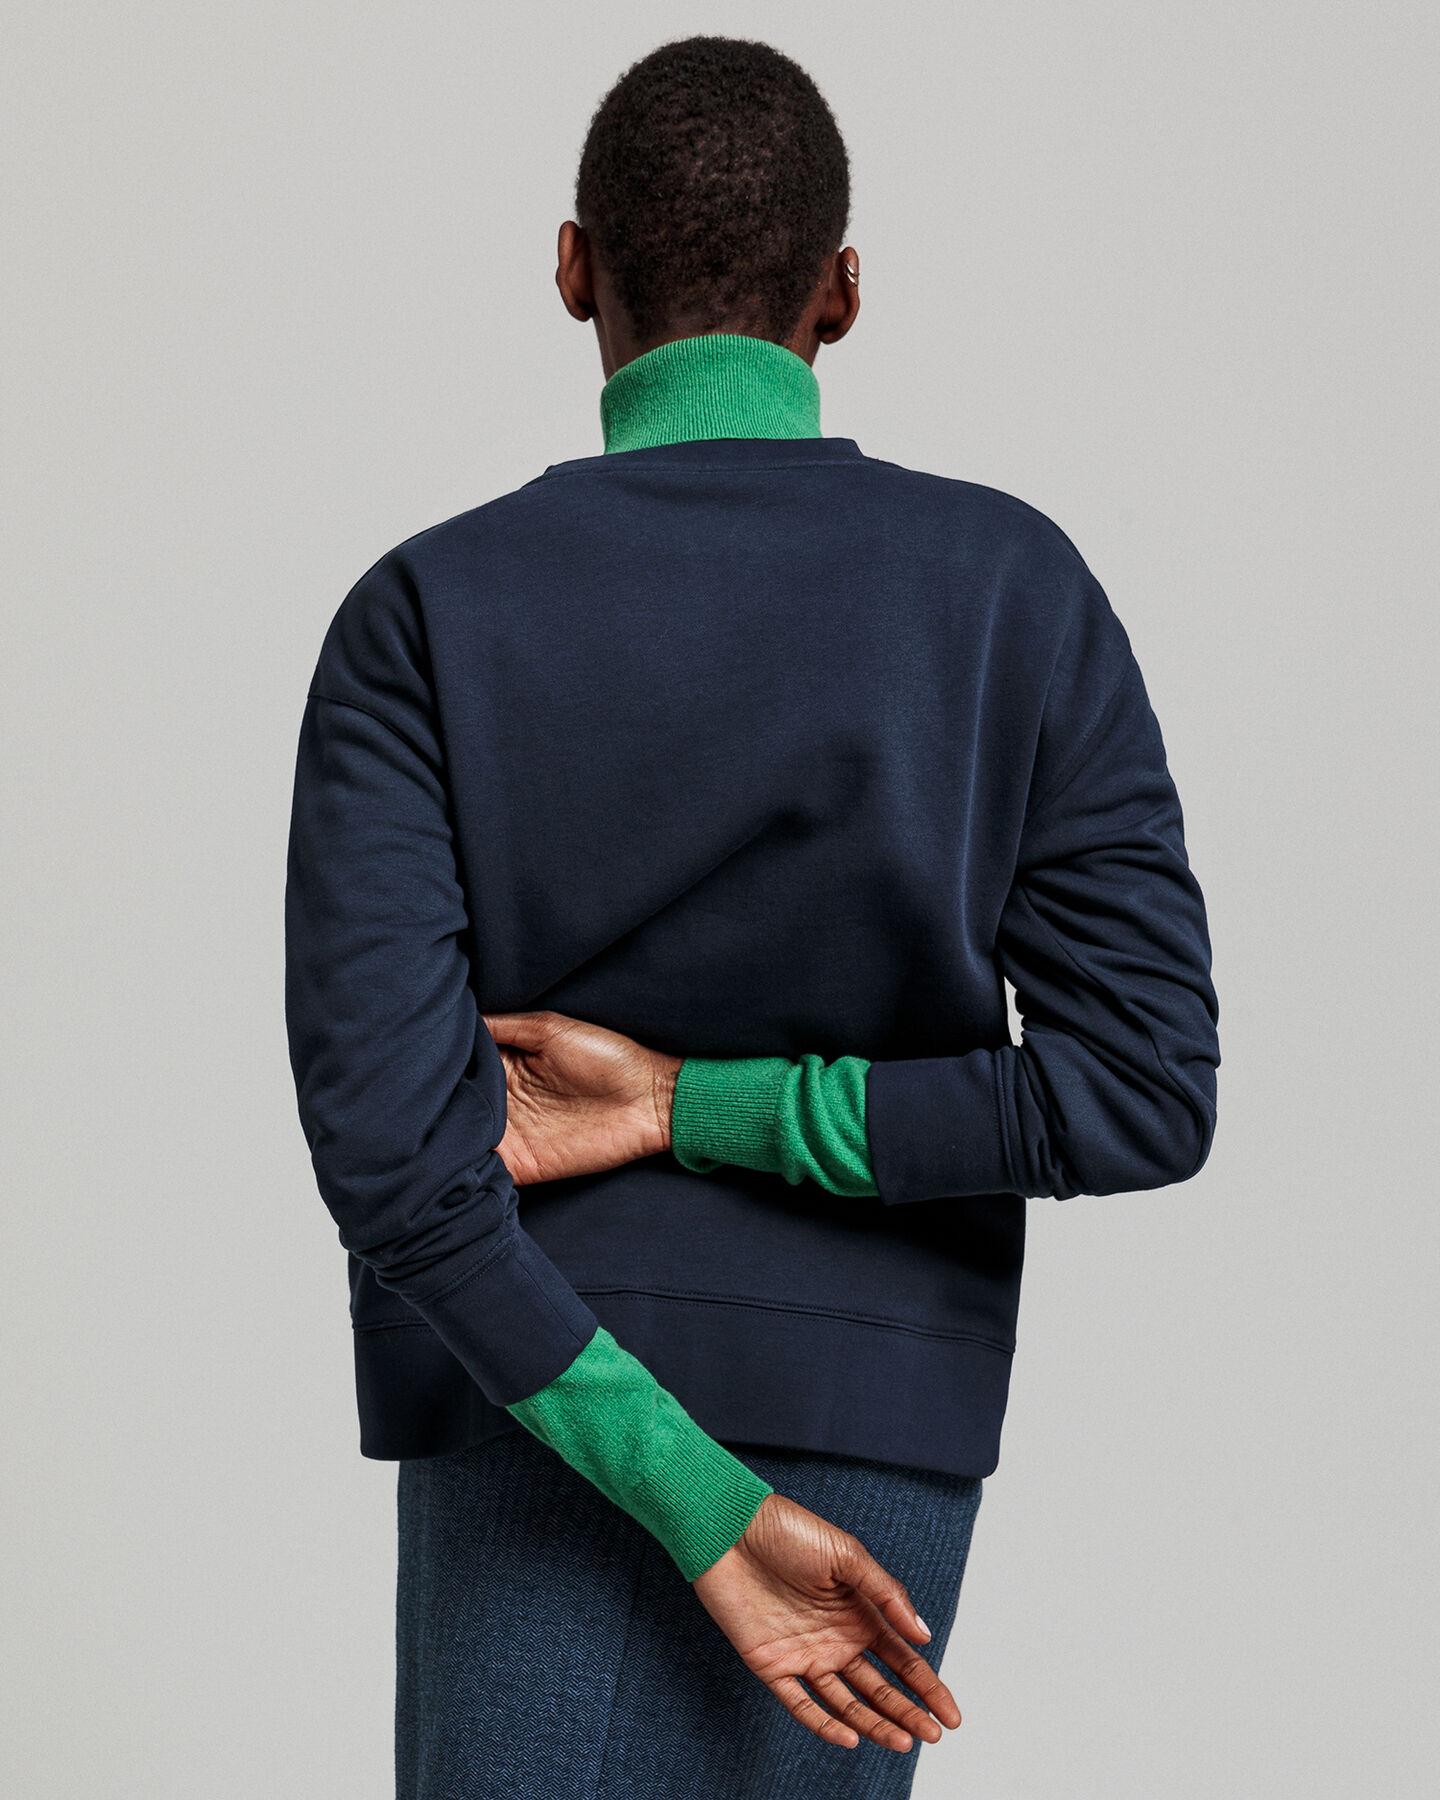 Rundhals-Sweatshirt mit farbiger Grafik